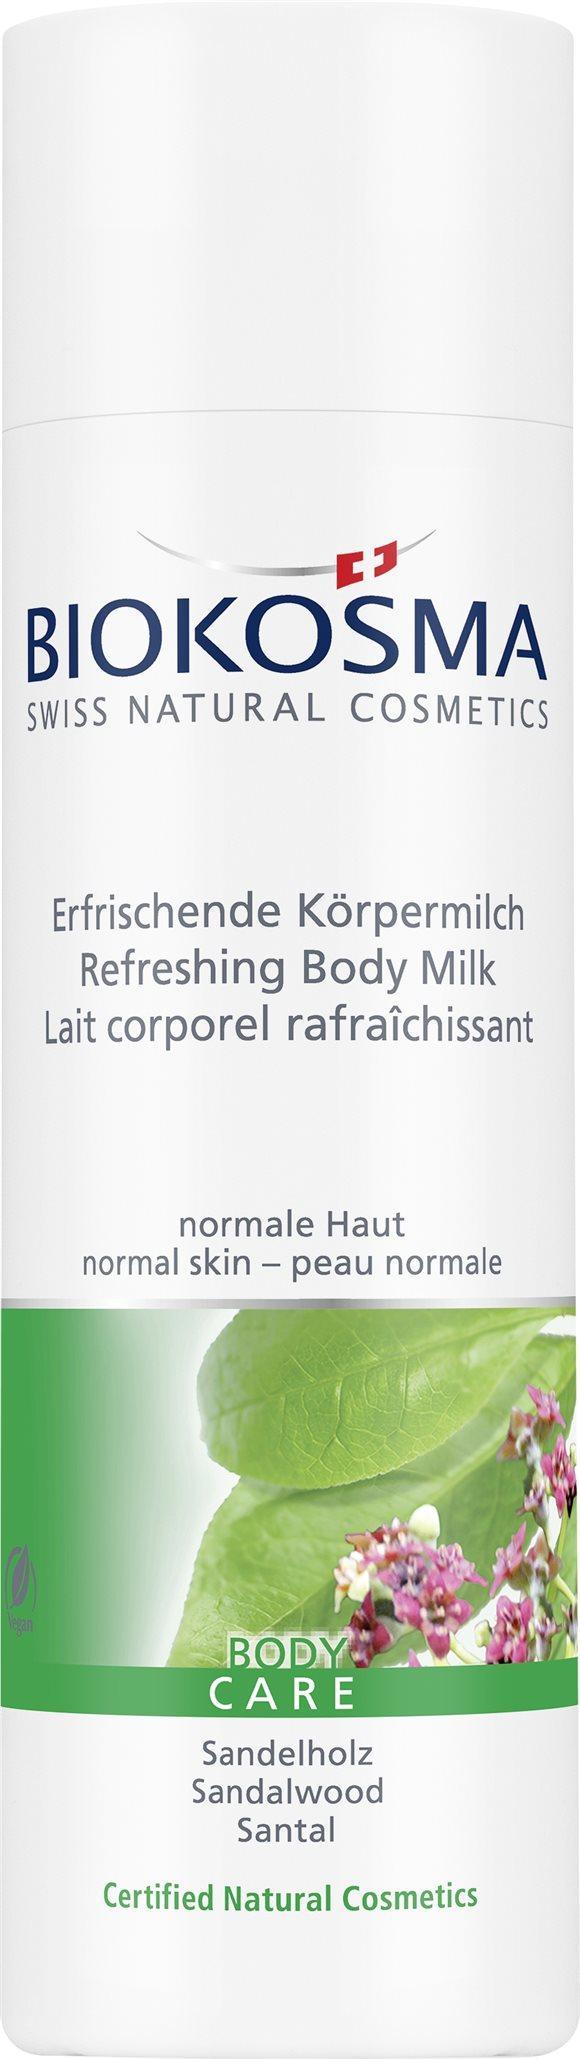 BIOKOSMA Körpermilch Sandelholz 200 ml